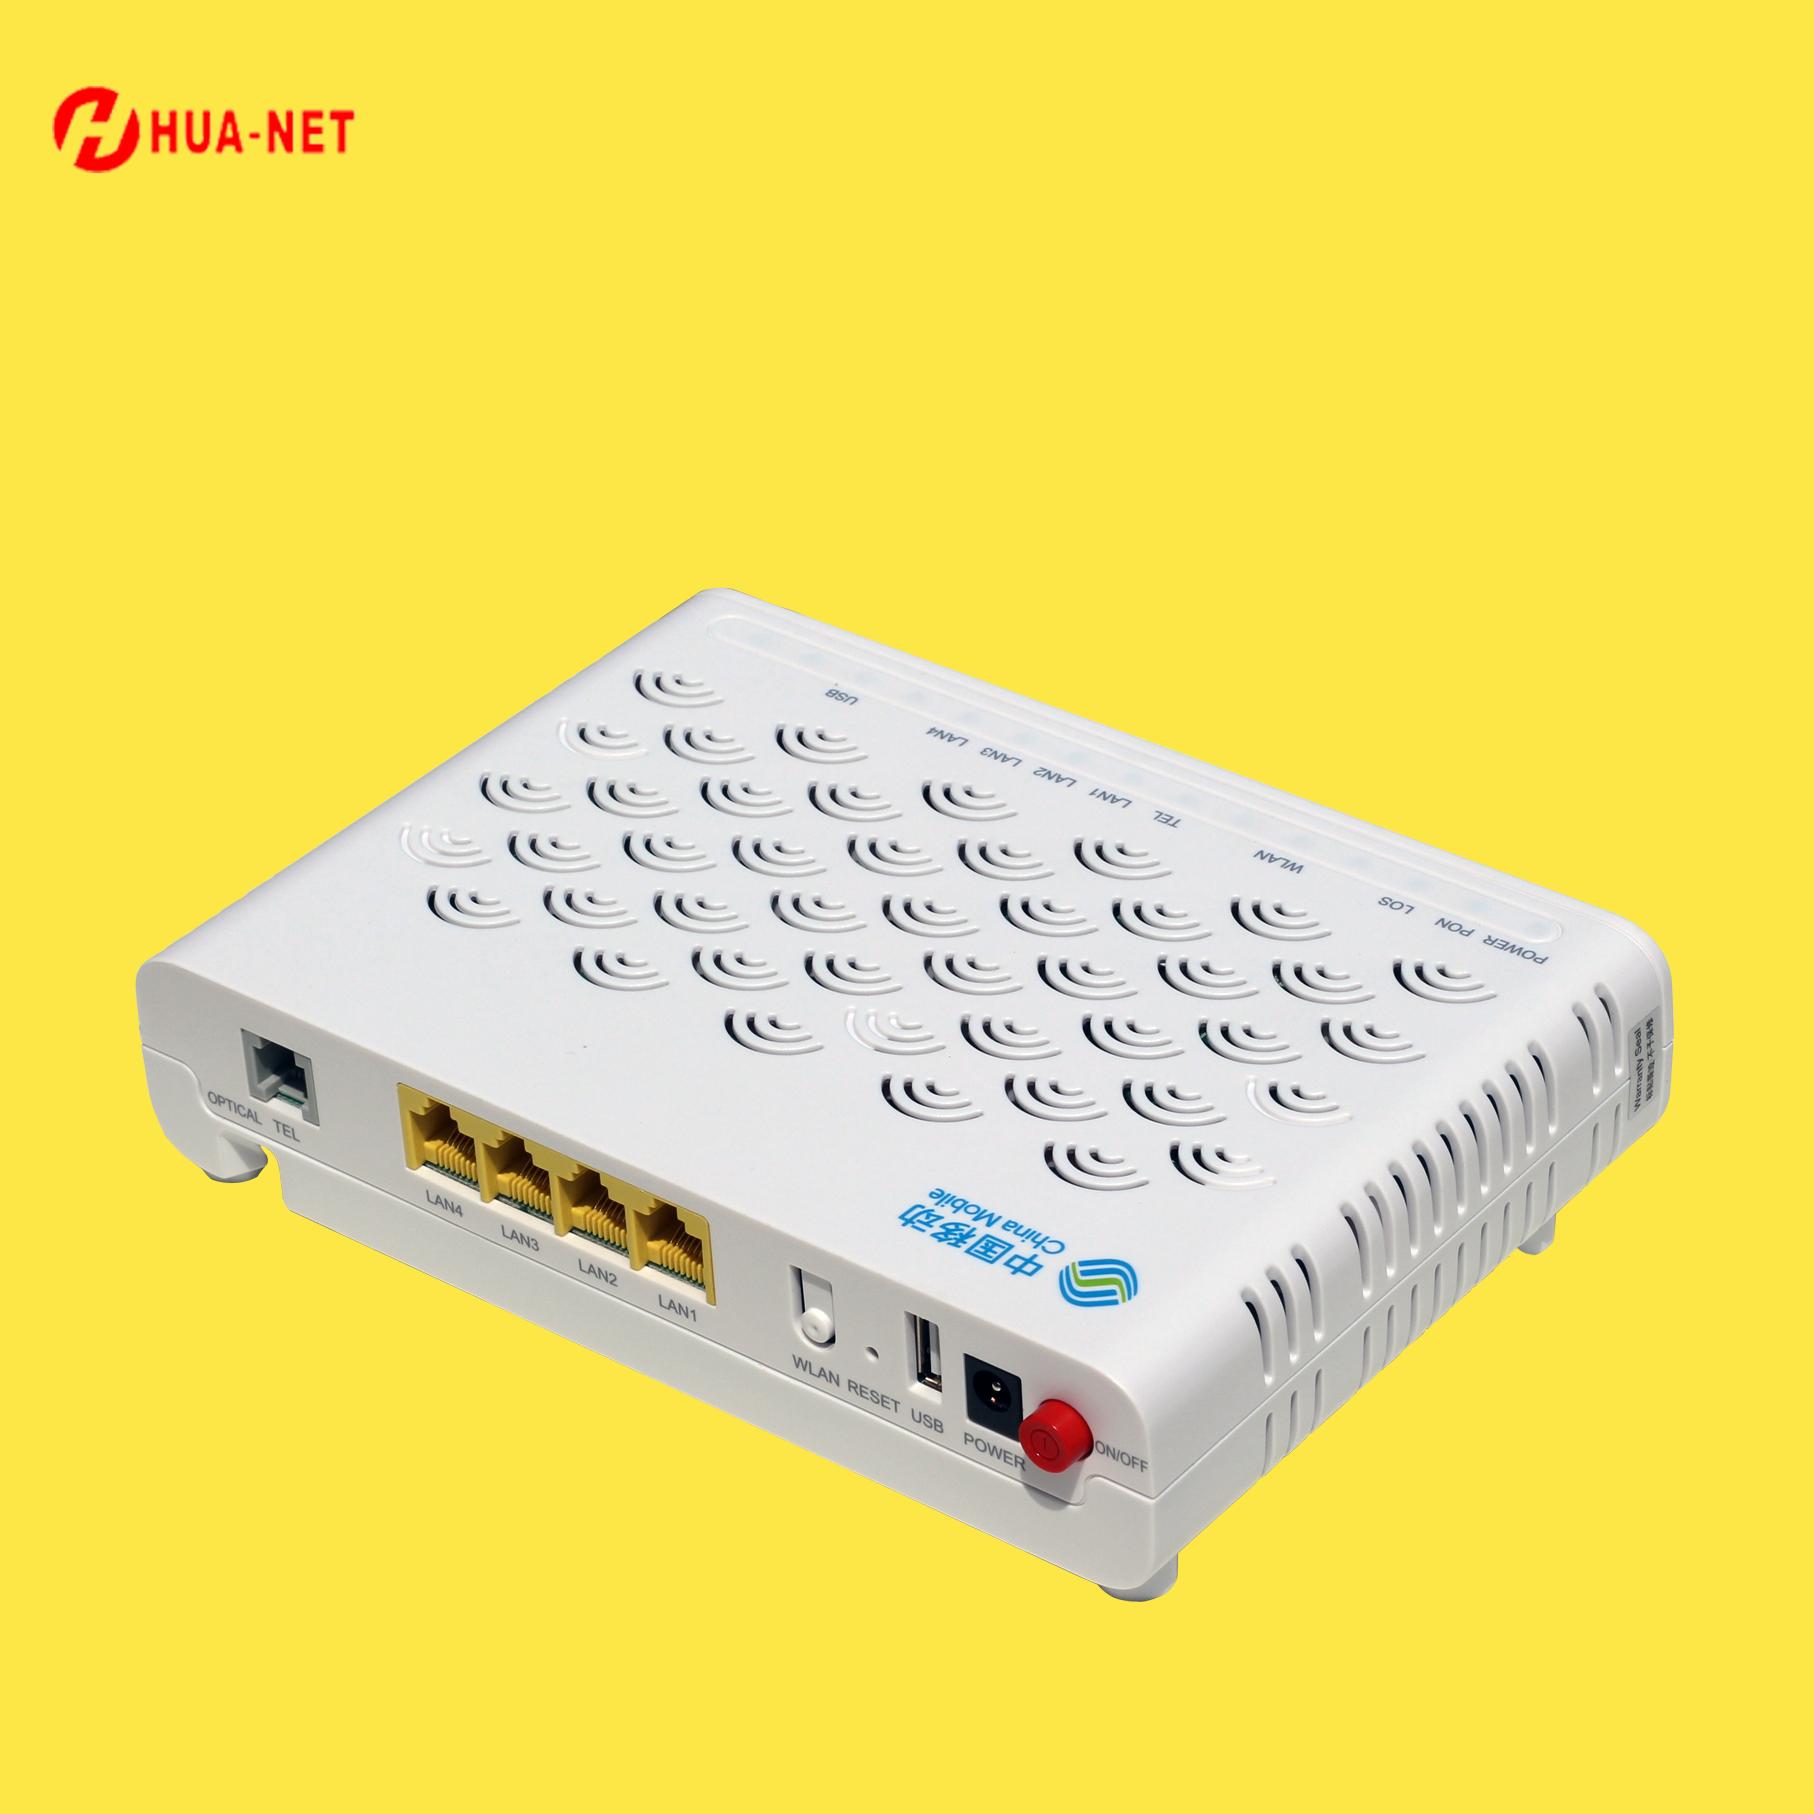 zte f660 zte zxhn f660 v5 gpon ont onu router zte f660, View zte onu f660,  ZTE Product Details from Shenzhen Huanet Technology Co , Ltd  on